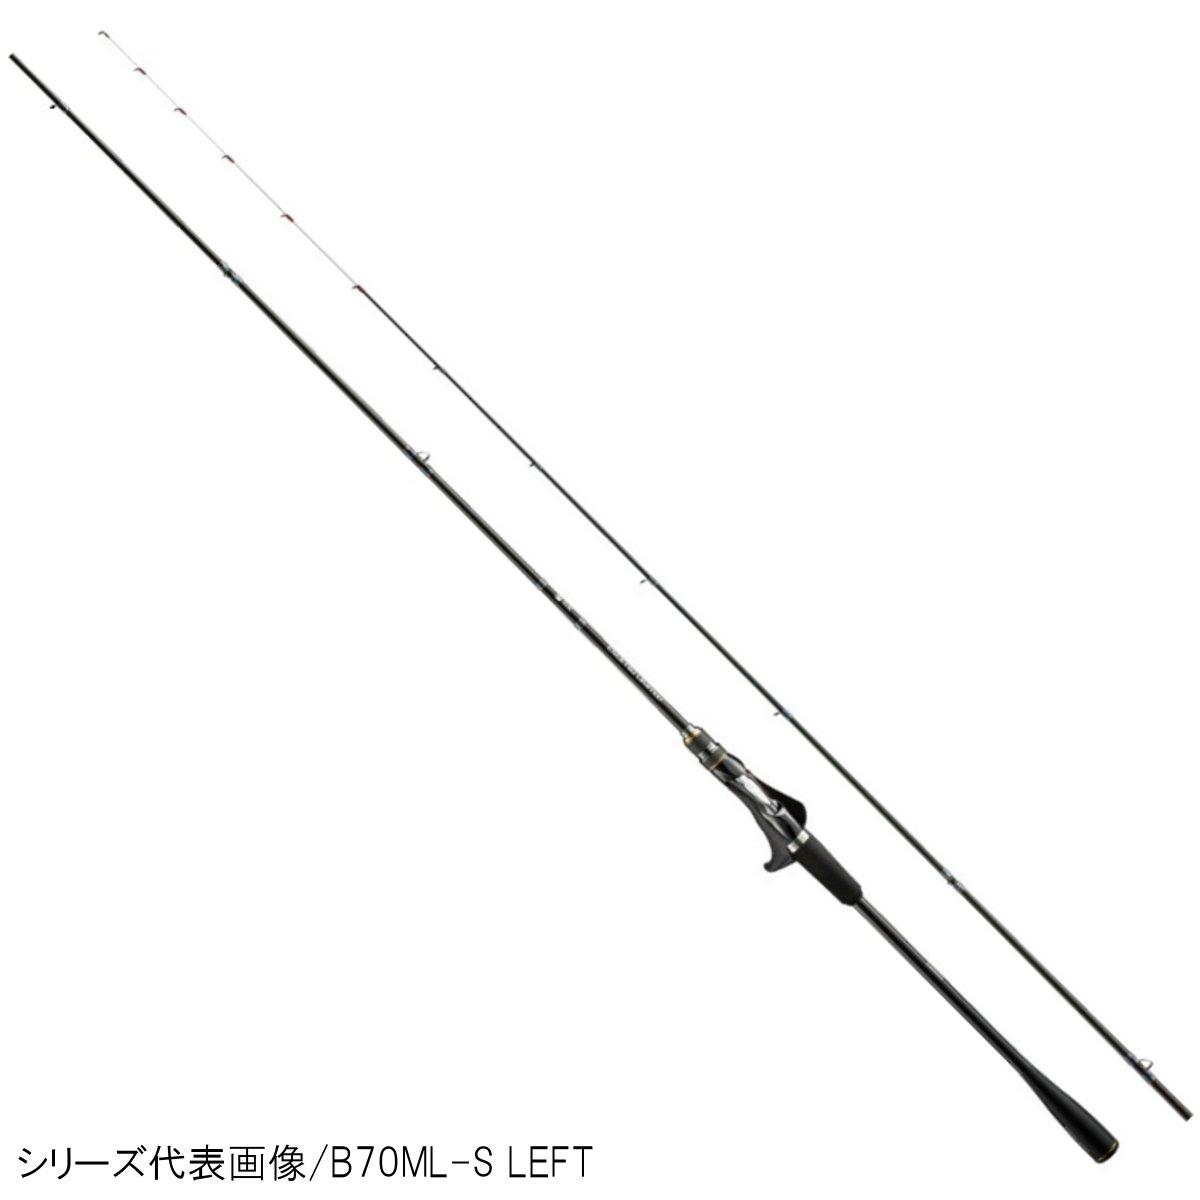 シマノ 炎月 リミテッド B70M-S LEFT【大型商品】